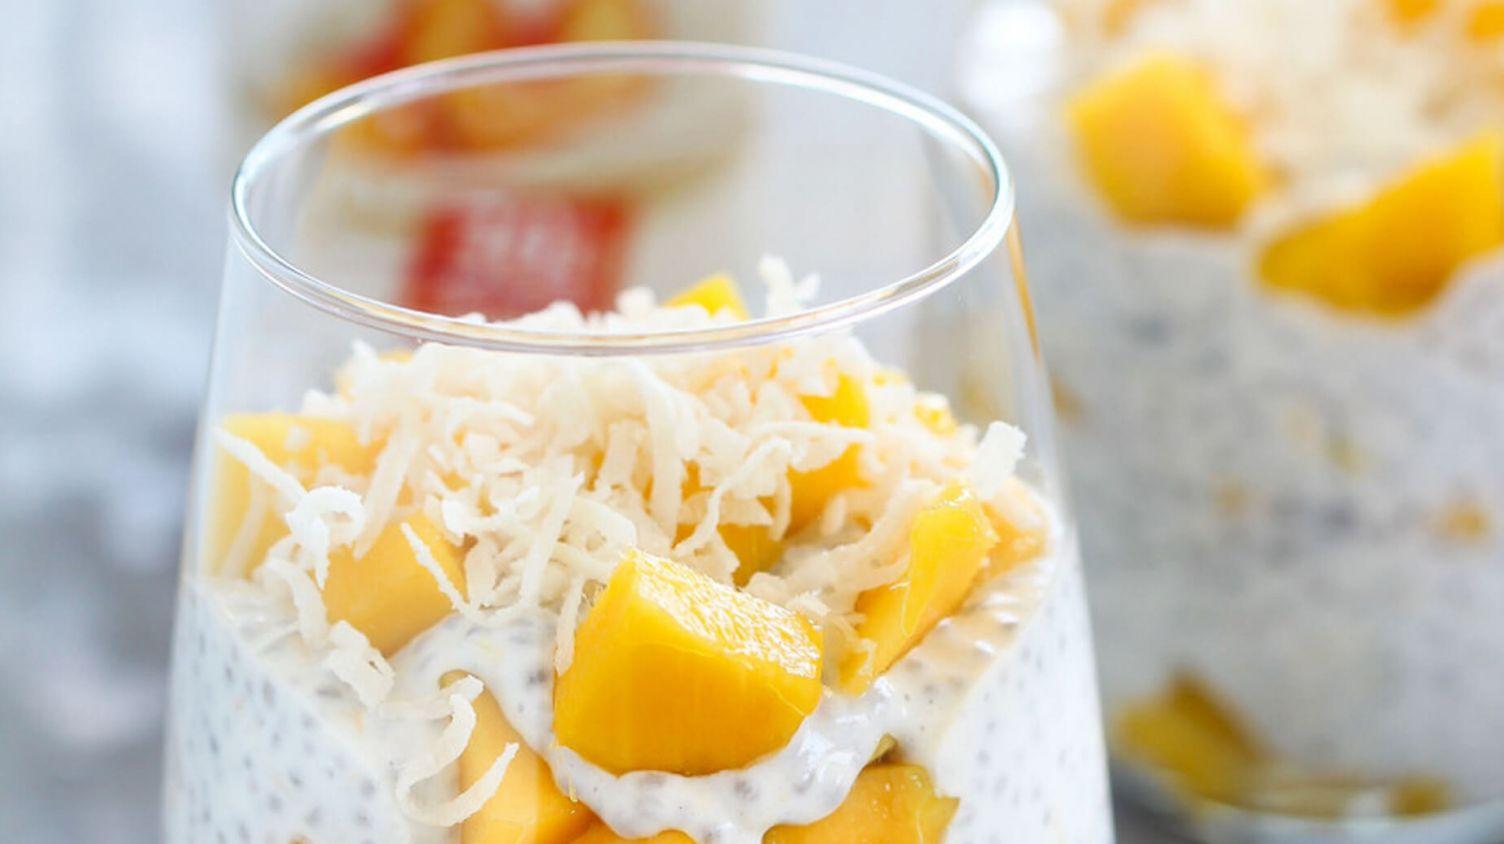 Peaches & Cream Chia Pudding